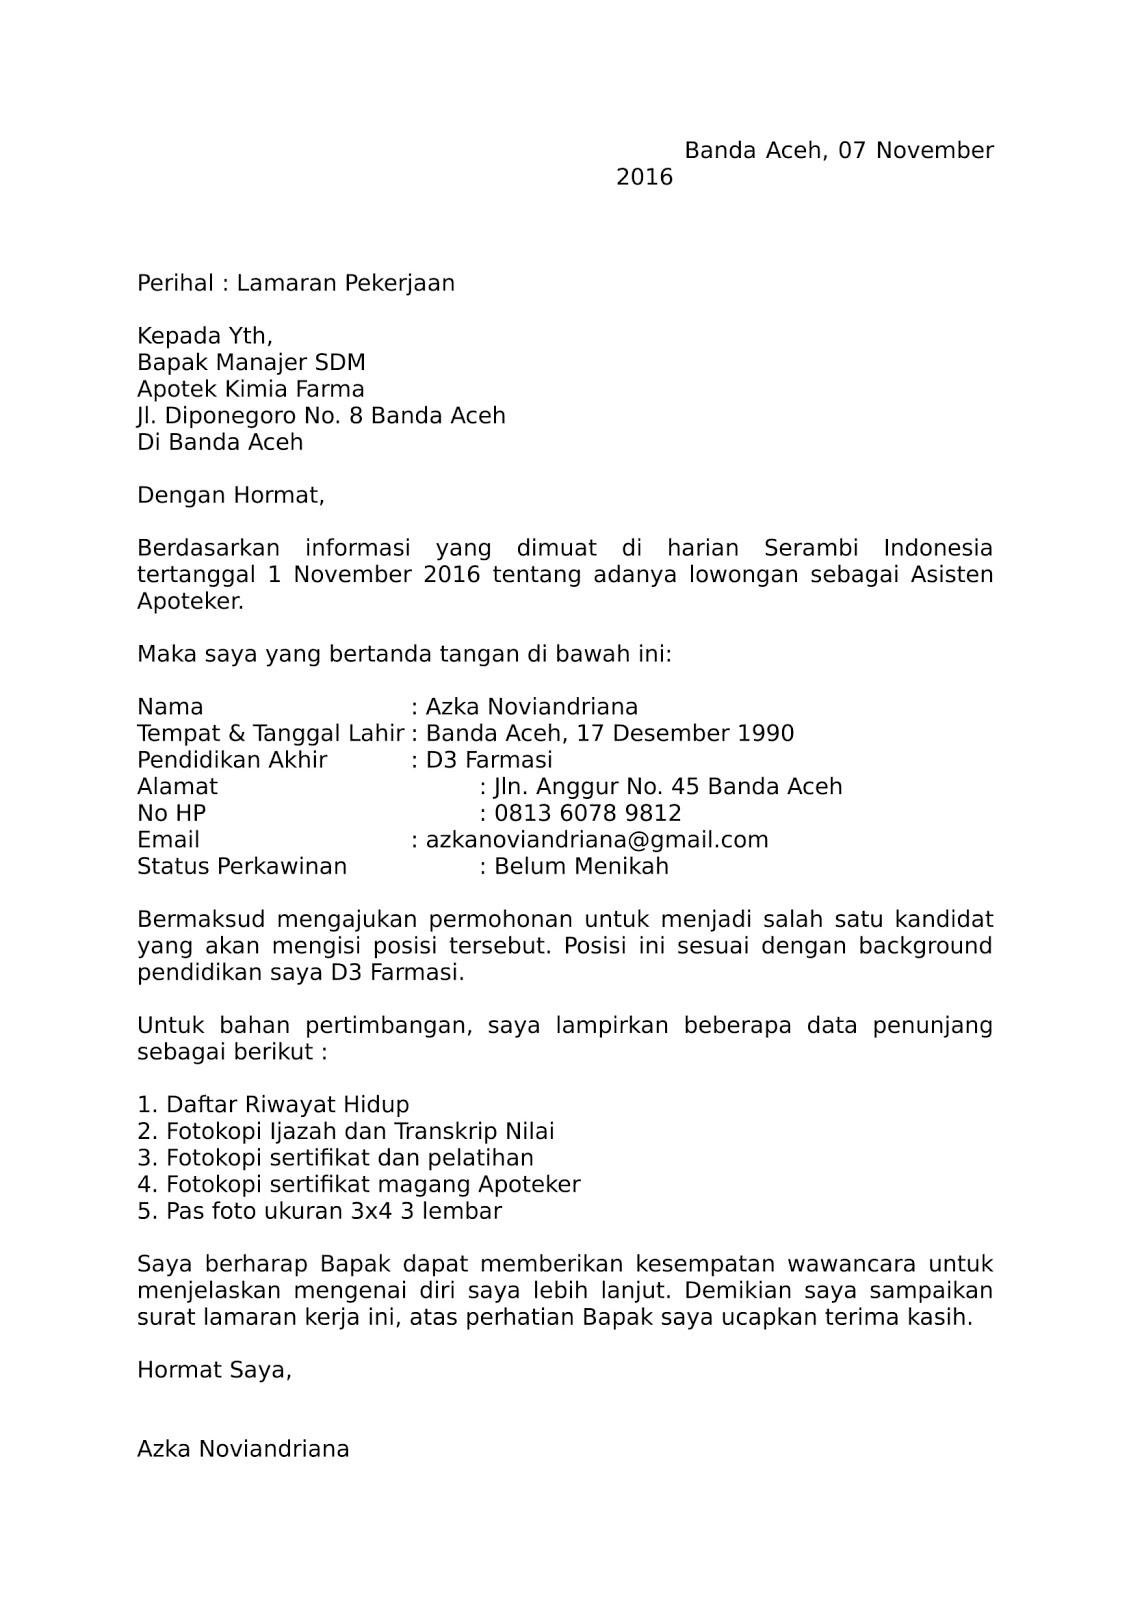 Contoh Surat Lamaran Kerja Untuk Apotek Kimia Farma Contoh Surat